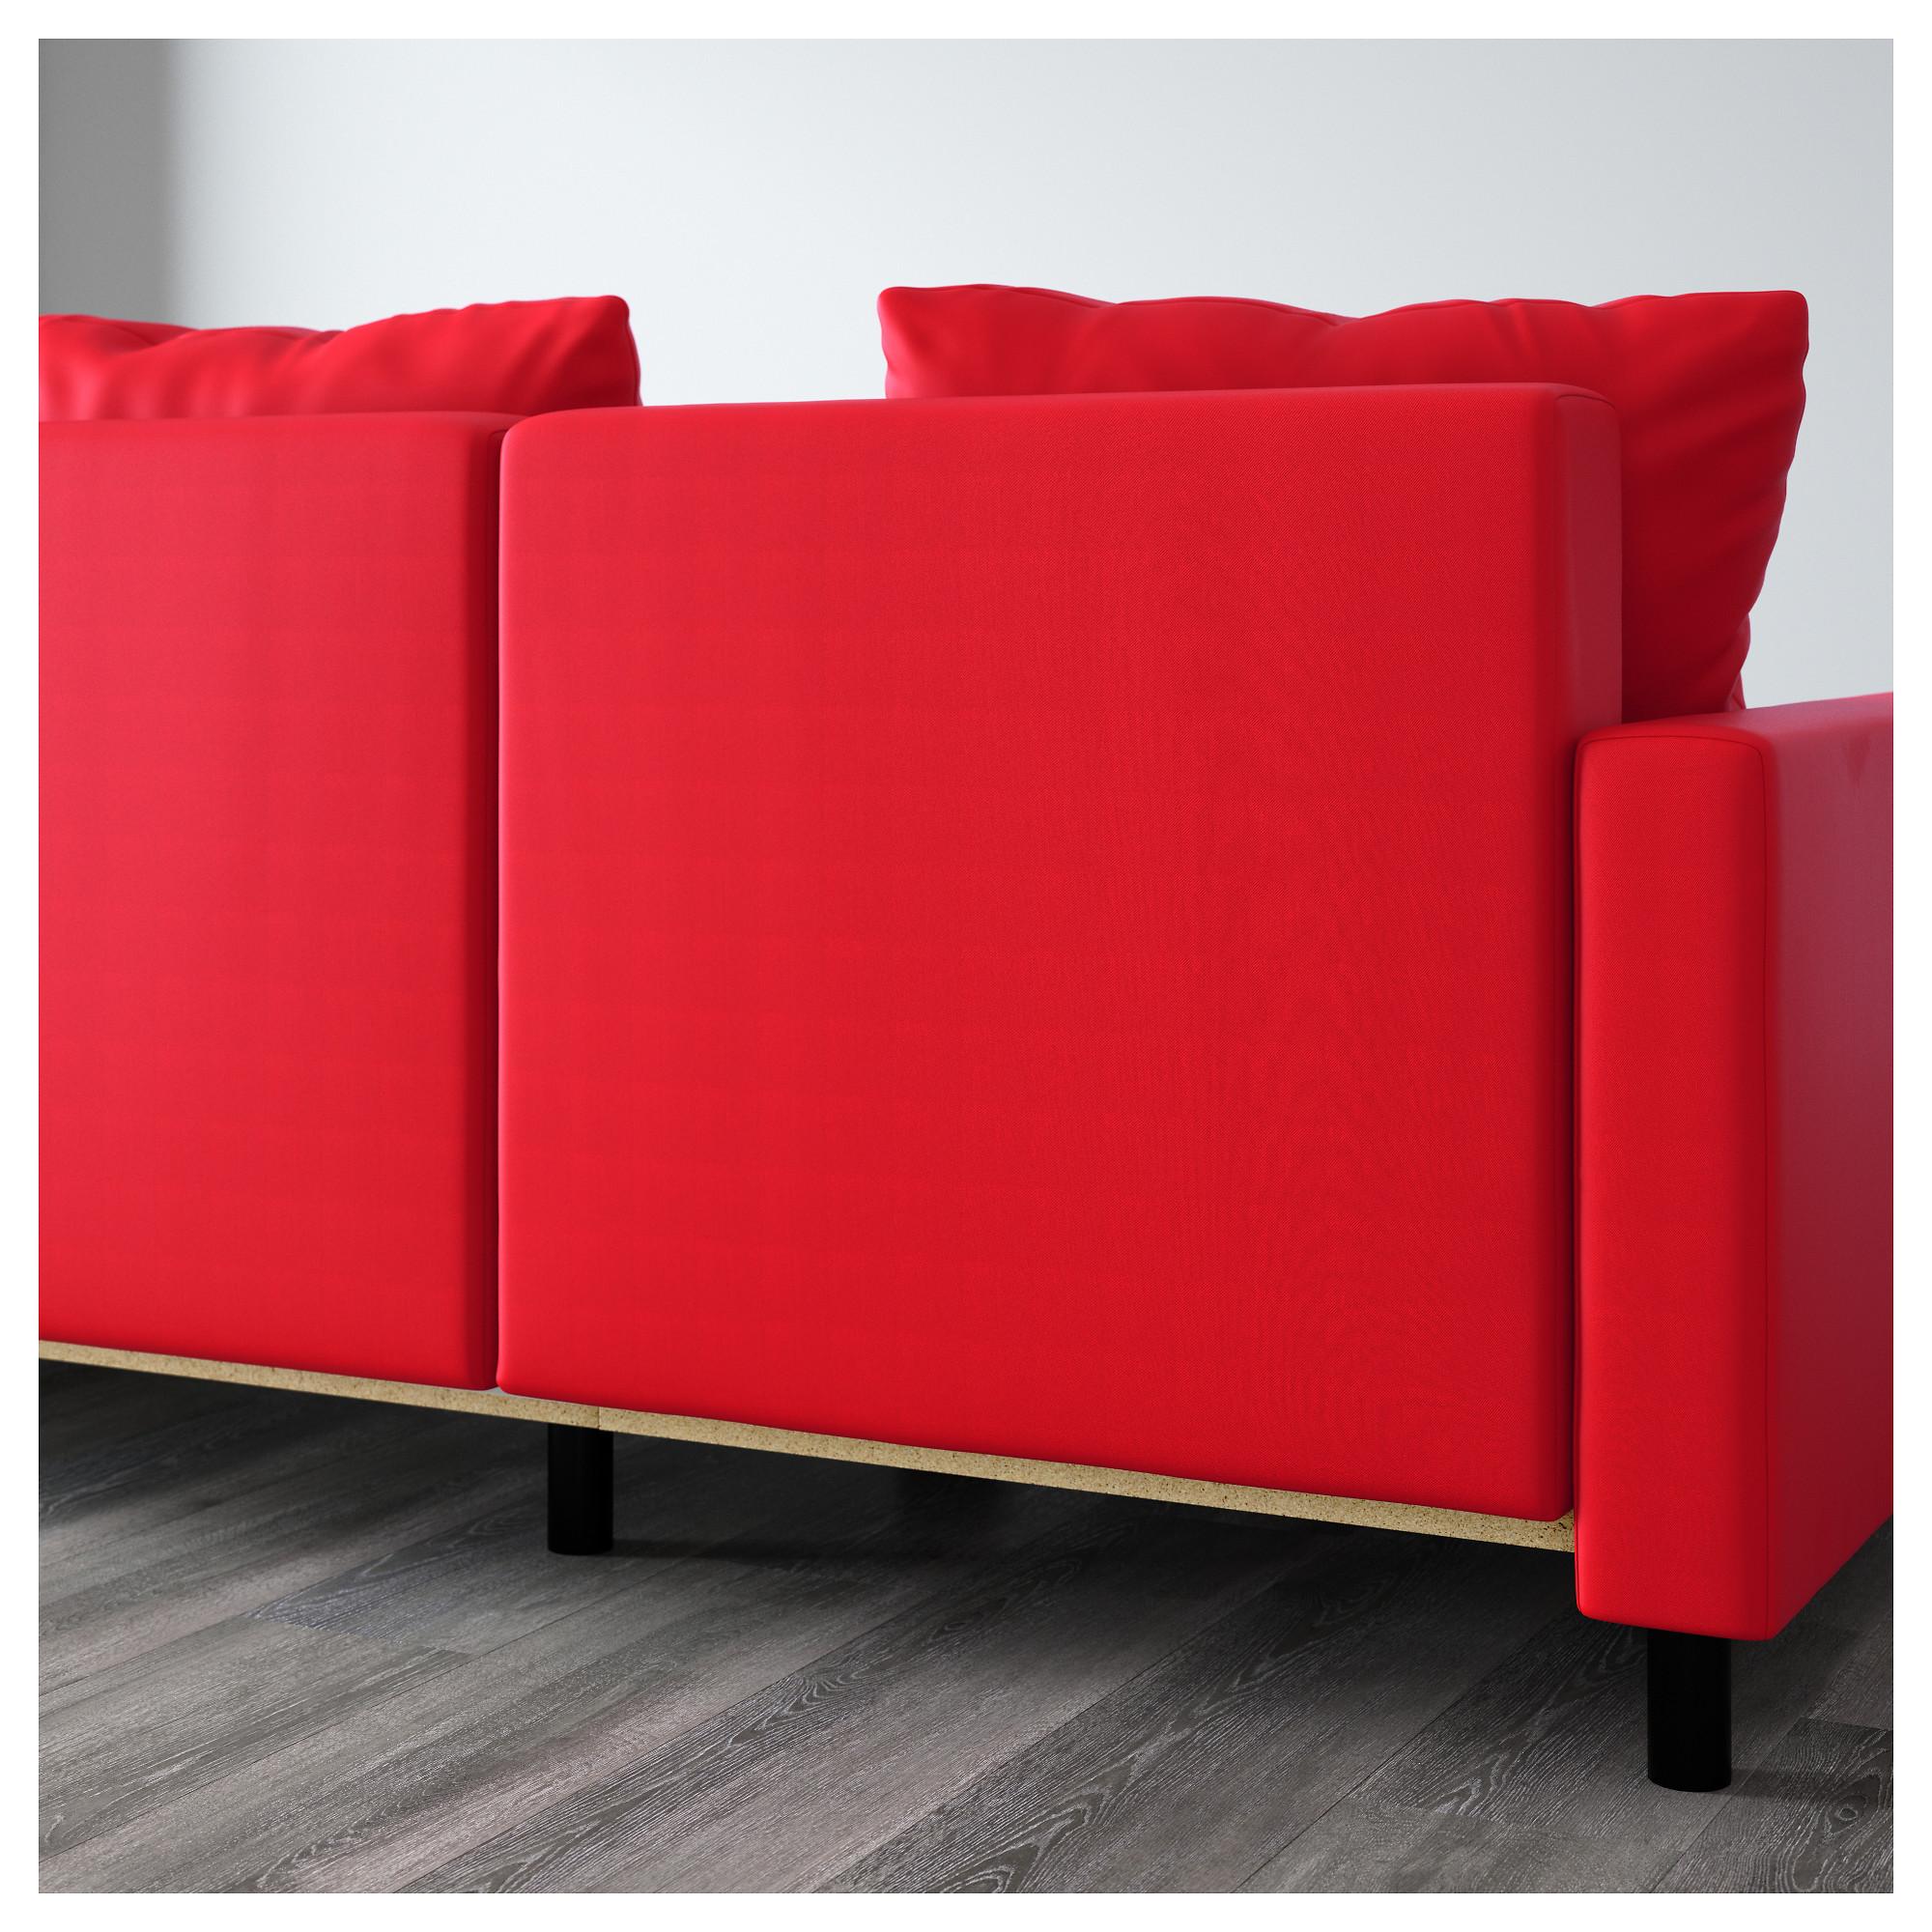 Диван-кровать с козеткой ЛУГНВИК красный артикуль № 702.237.33 в наличии.  Интернет 871417053a6